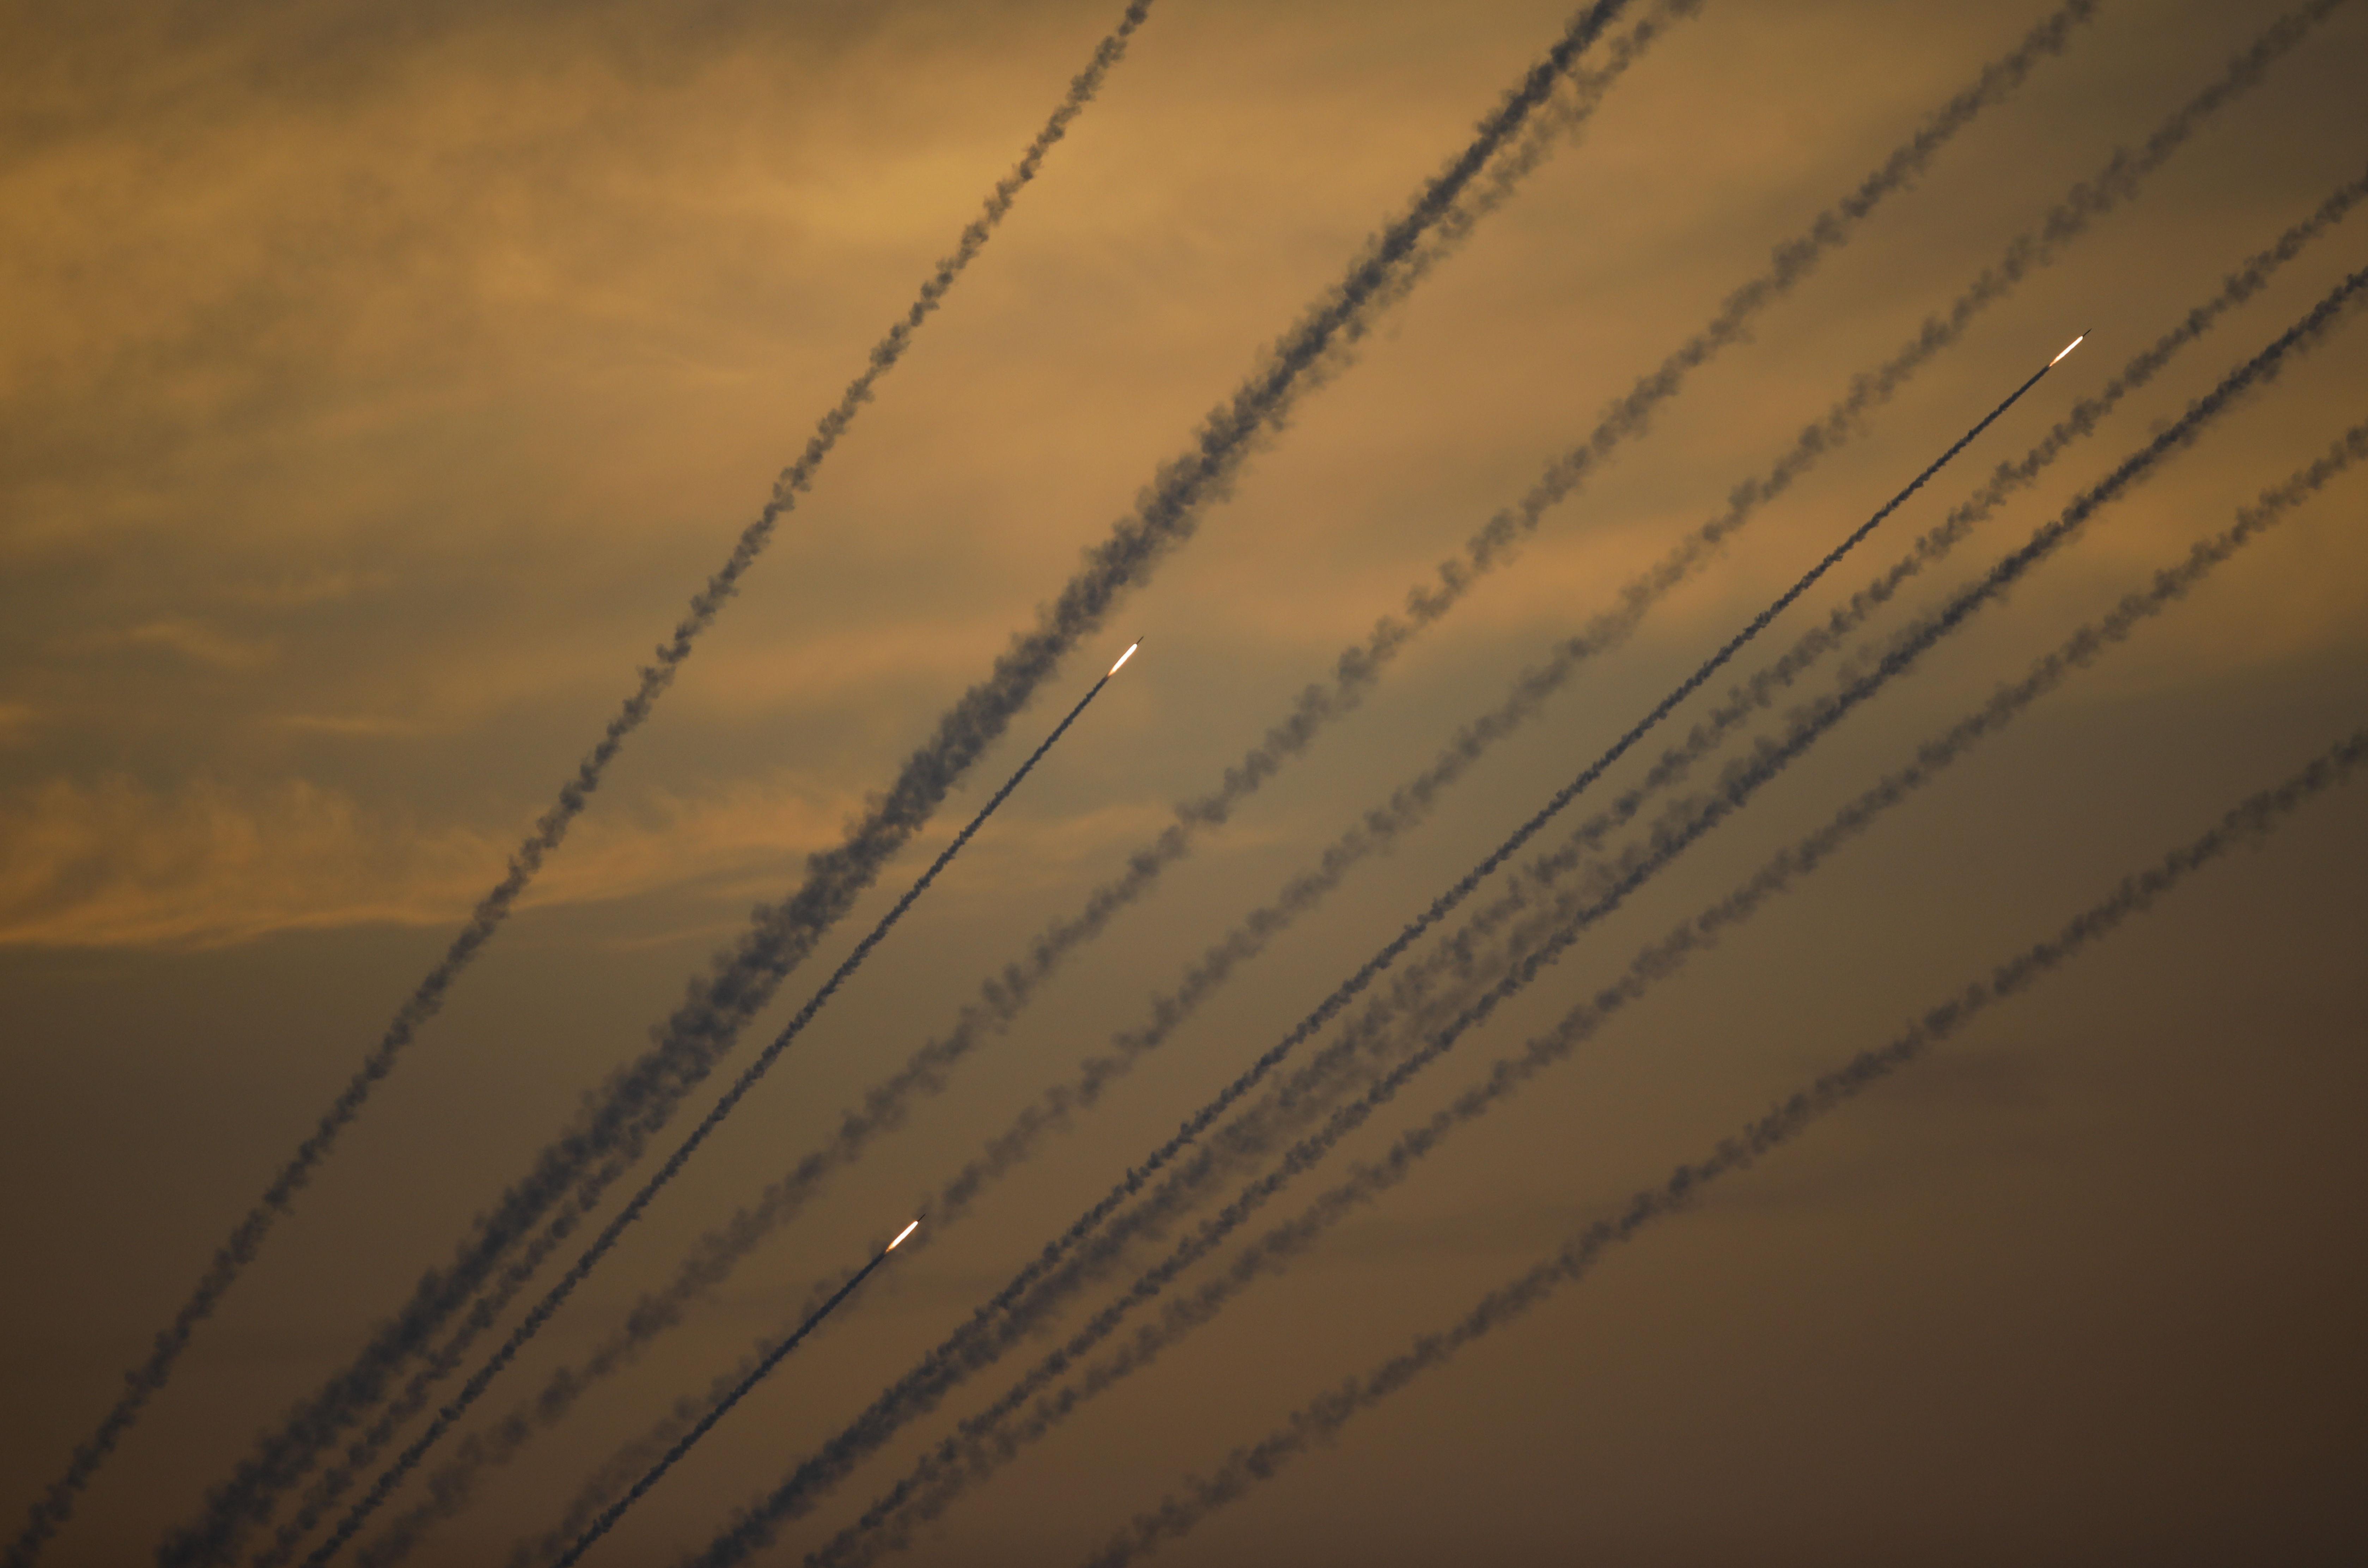 Foguetes lançados a partir da Faixa de Gaza contra Israel, em 5 de maio de 2019